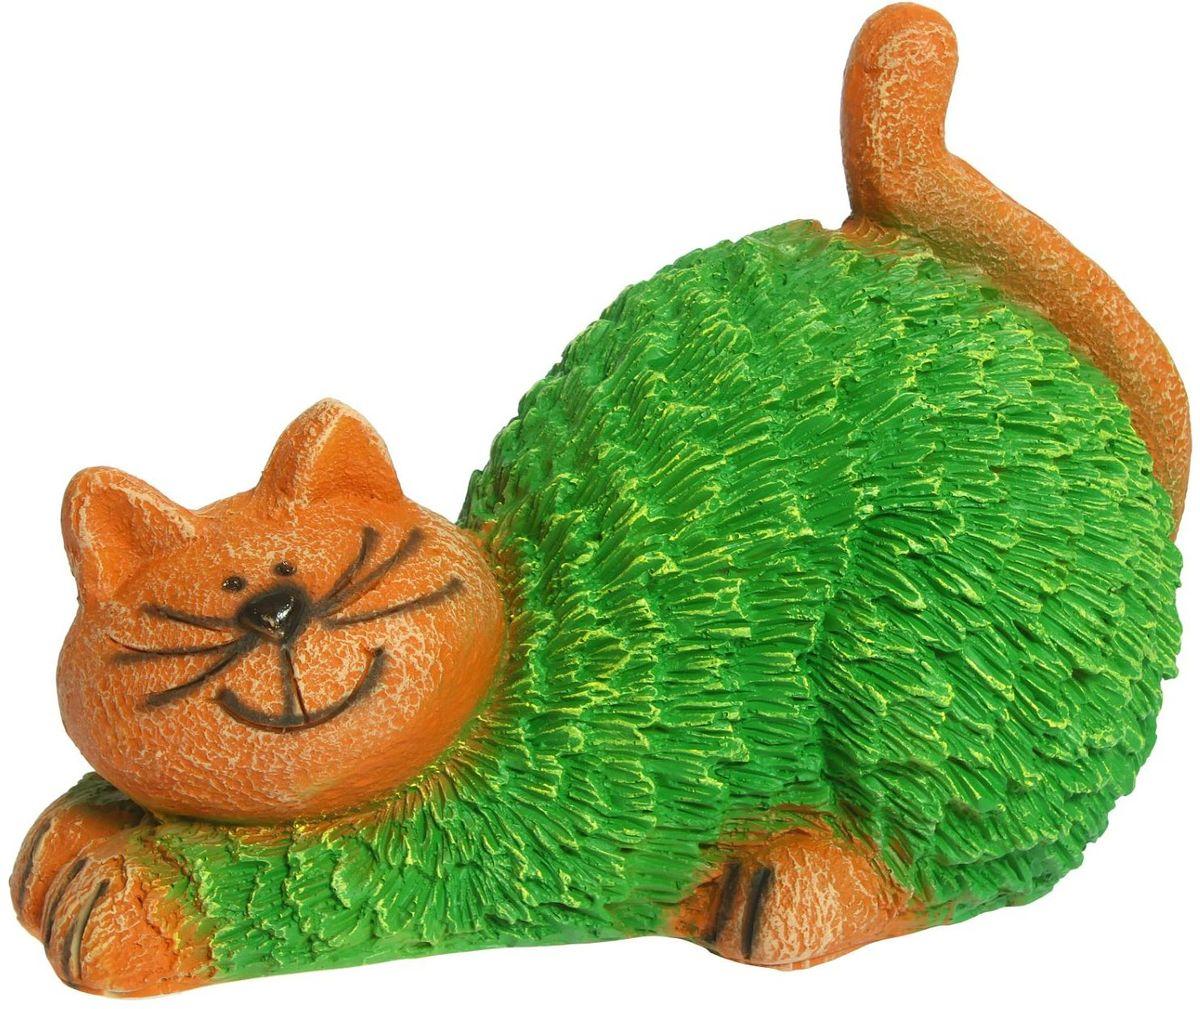 Фигура садовая Кошка, 21 х 38 х 30 см1260071Садовая фигура Кошка будет охранять урожай и приносить удачу.Садовая фигура изготовлена полистоуна. Этот материал не выцветает на солнце, даже если находится под воздействием ультрафиолета круглый год. Искусственный камень имеет очень низкую пористость, поэтому на нем не появятся трещины. Размер фигуры: 21 х 38 х 30 см.